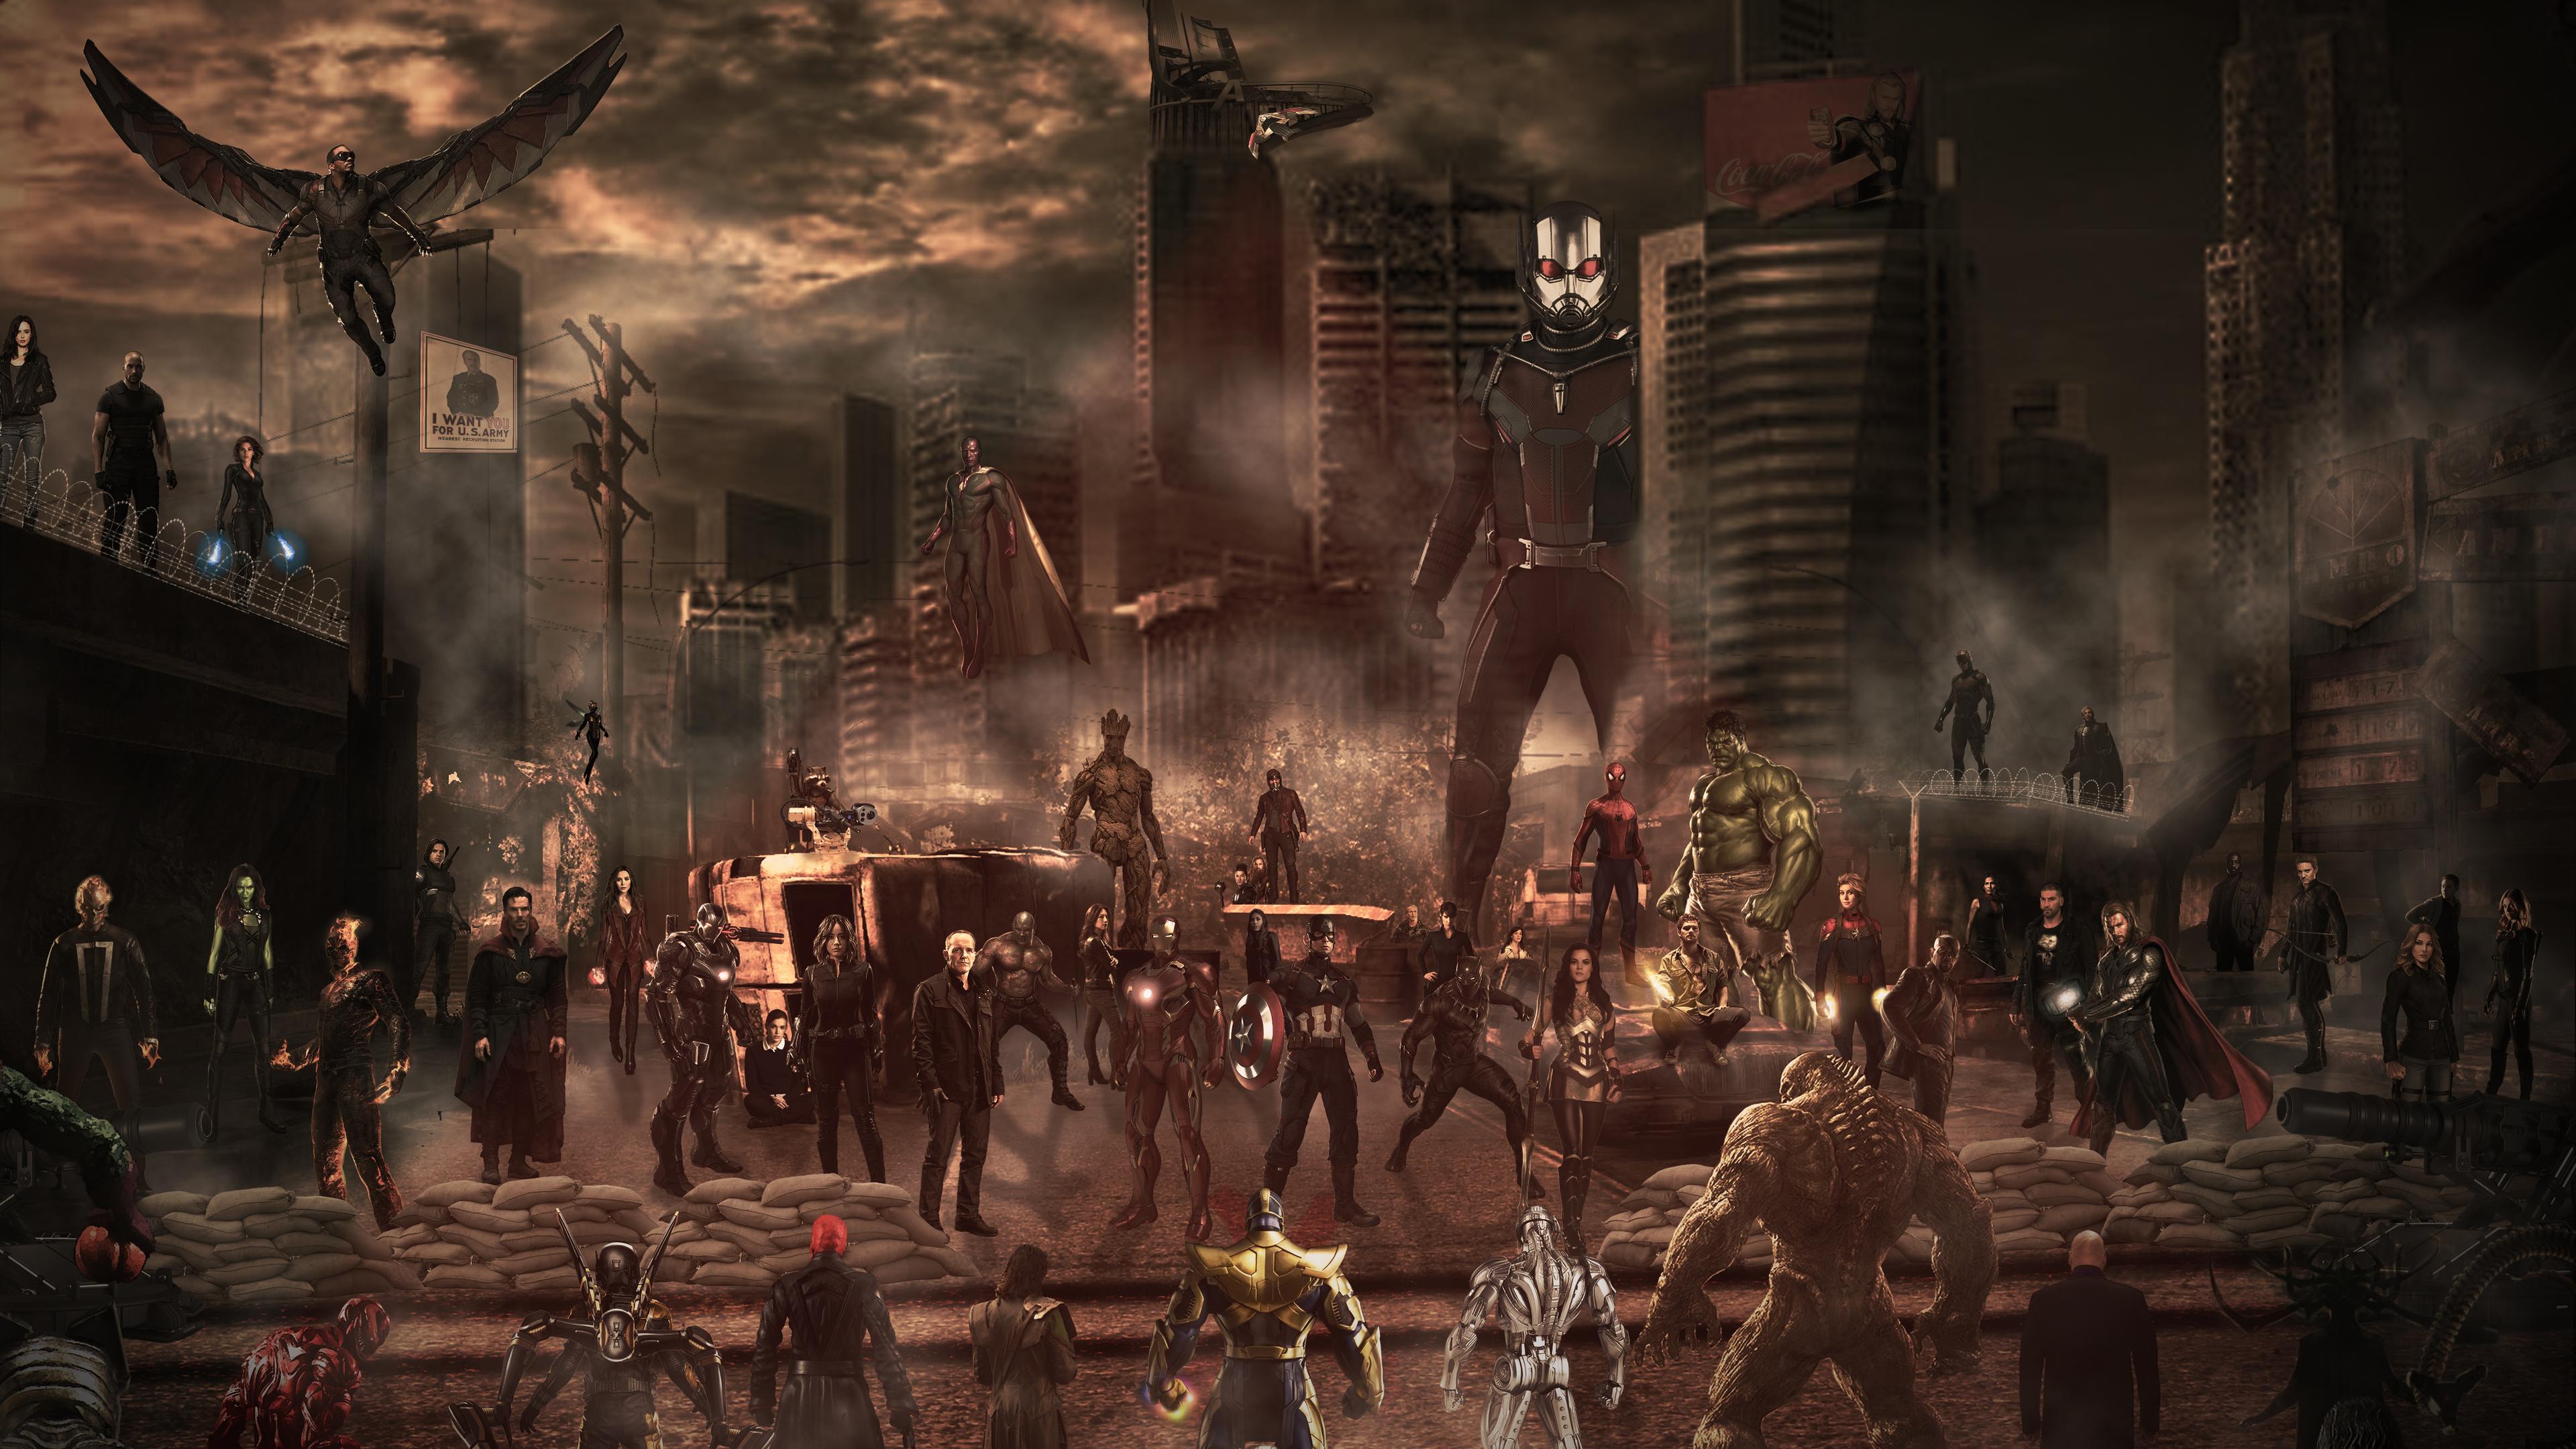 avengers heroes vs villains 1541294345 - Avengers Heroes Vs Villains - superheroes wallpapers, hd-wallpapers, deviantart wallpapers, avengers-wallpapers, artwork wallpapers, artist wallpapers, 5k wallpapers, 4k-wallpapers